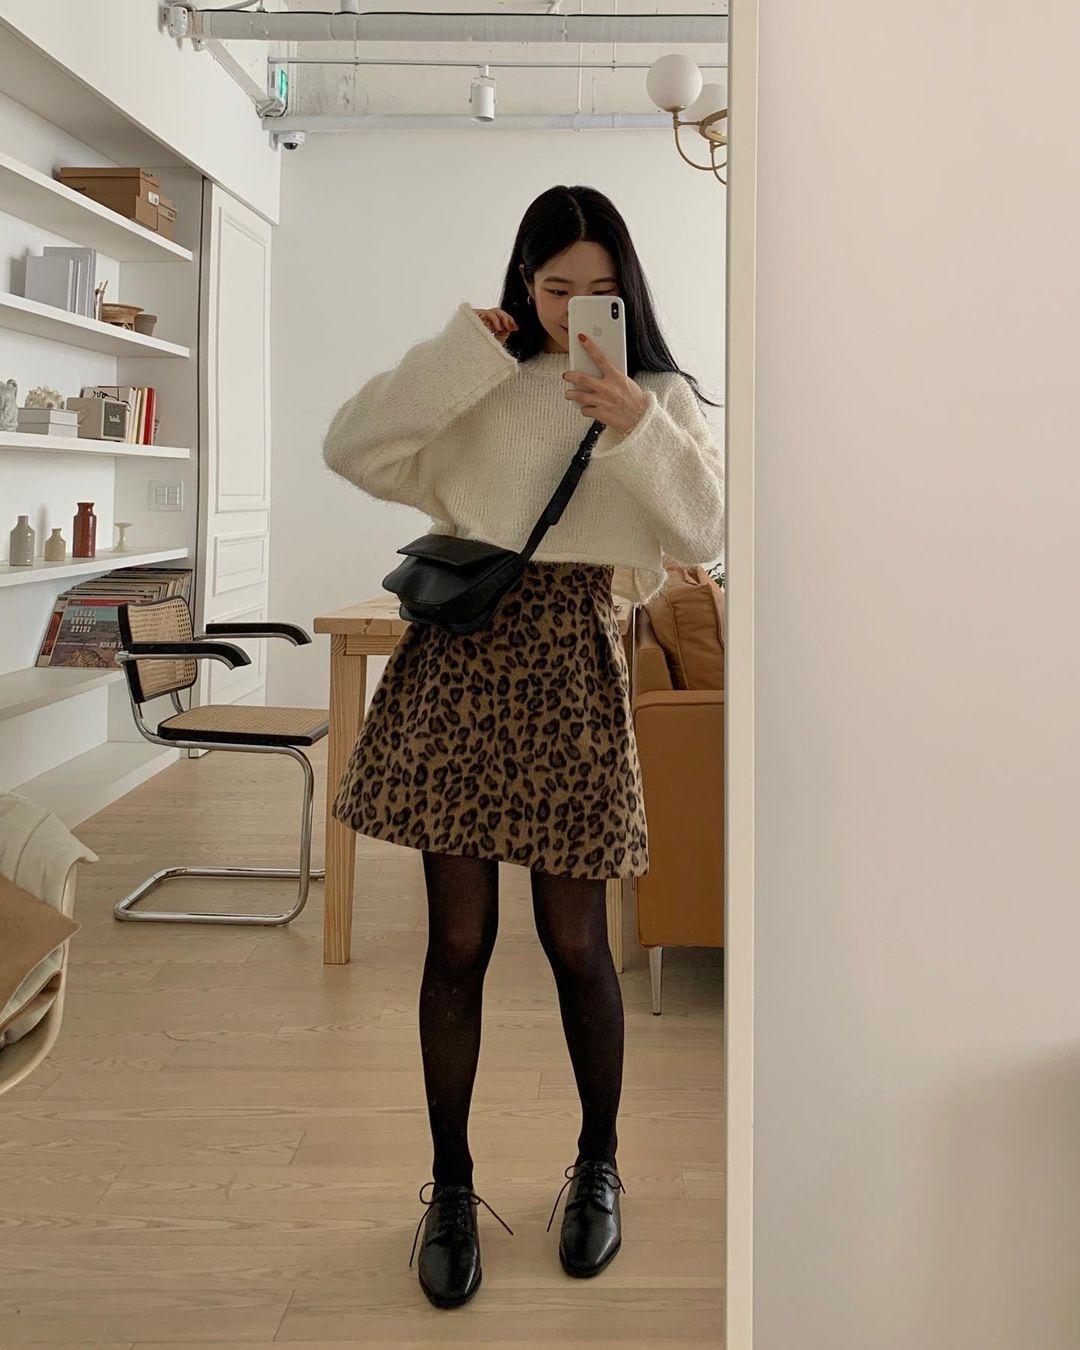 6 cách phối áo len cho mùa Đông không lạnh, có những món đồ còn được tận dụng từ mùa Hè nữa đấy! - Ảnh 5.